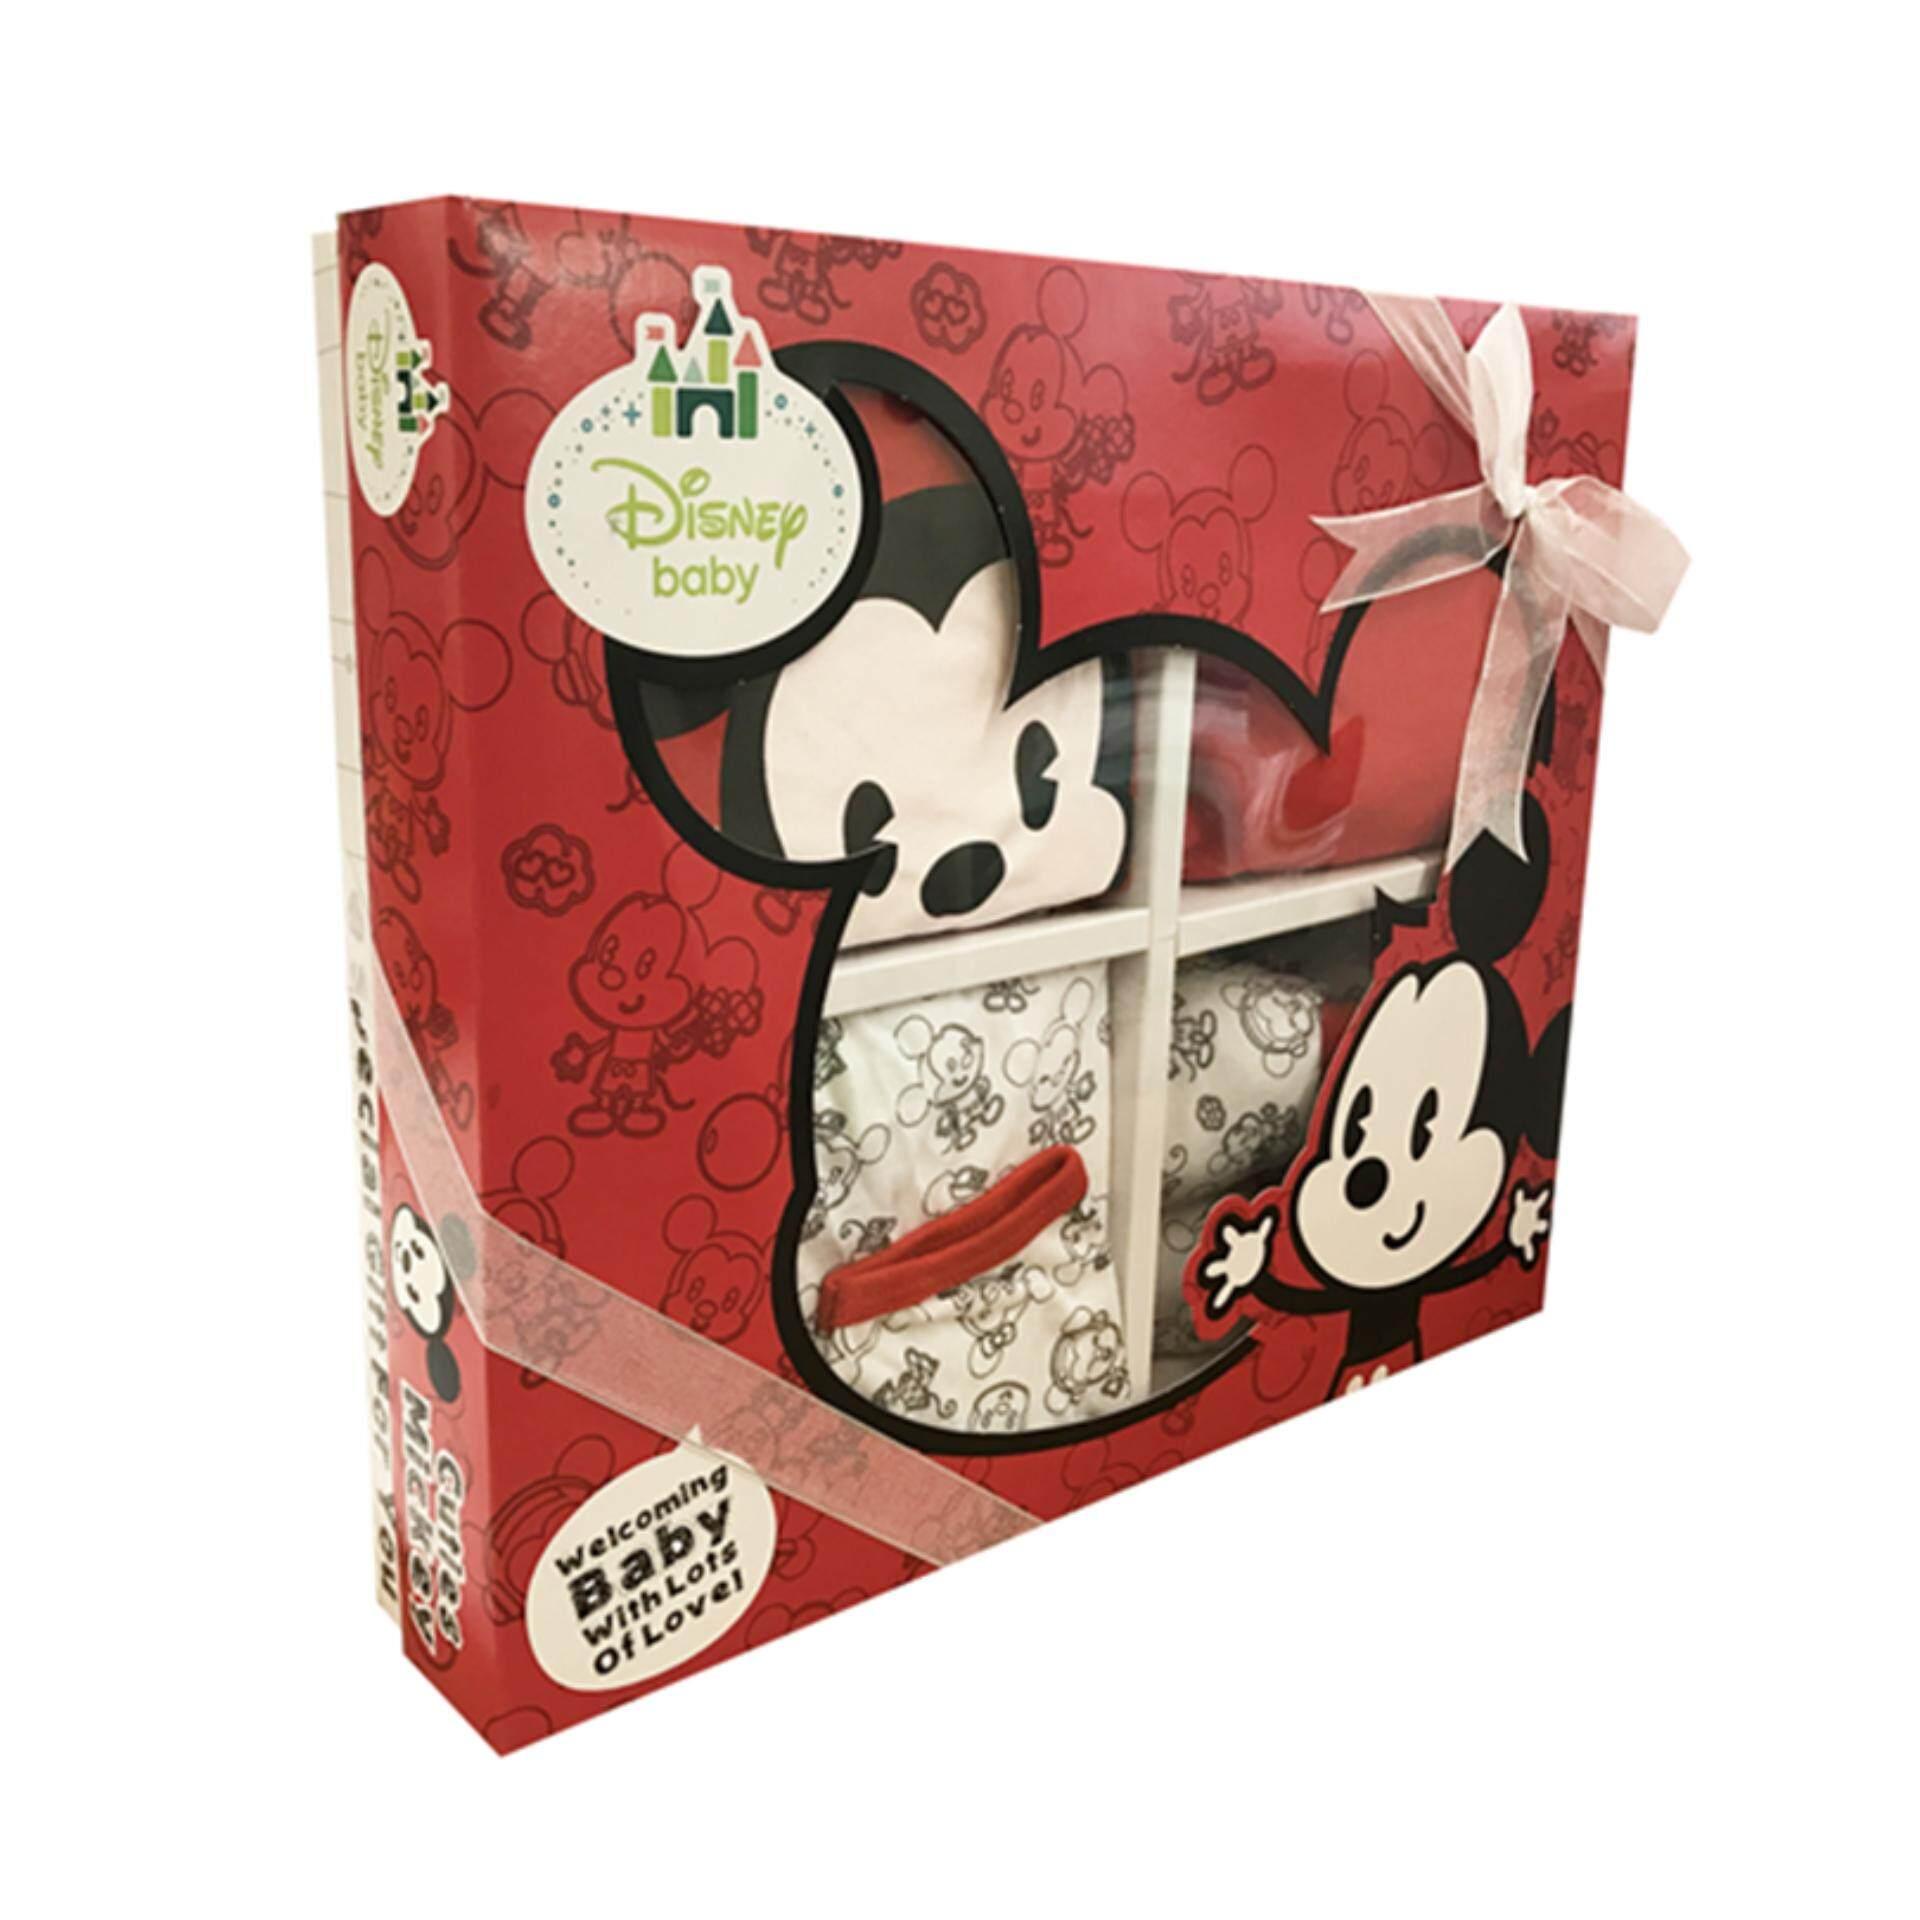 ea4aeda73 Disney Cuties Gift Set - Mickey